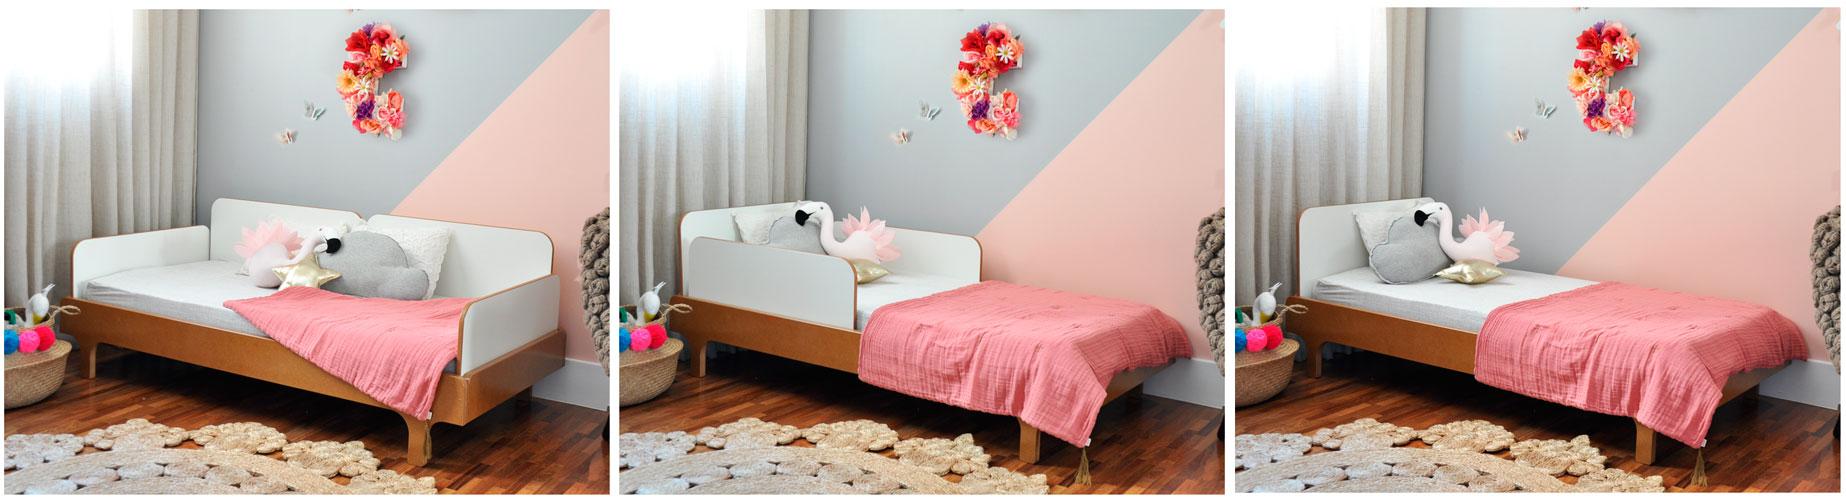 Modelo de cama infantil como escolher